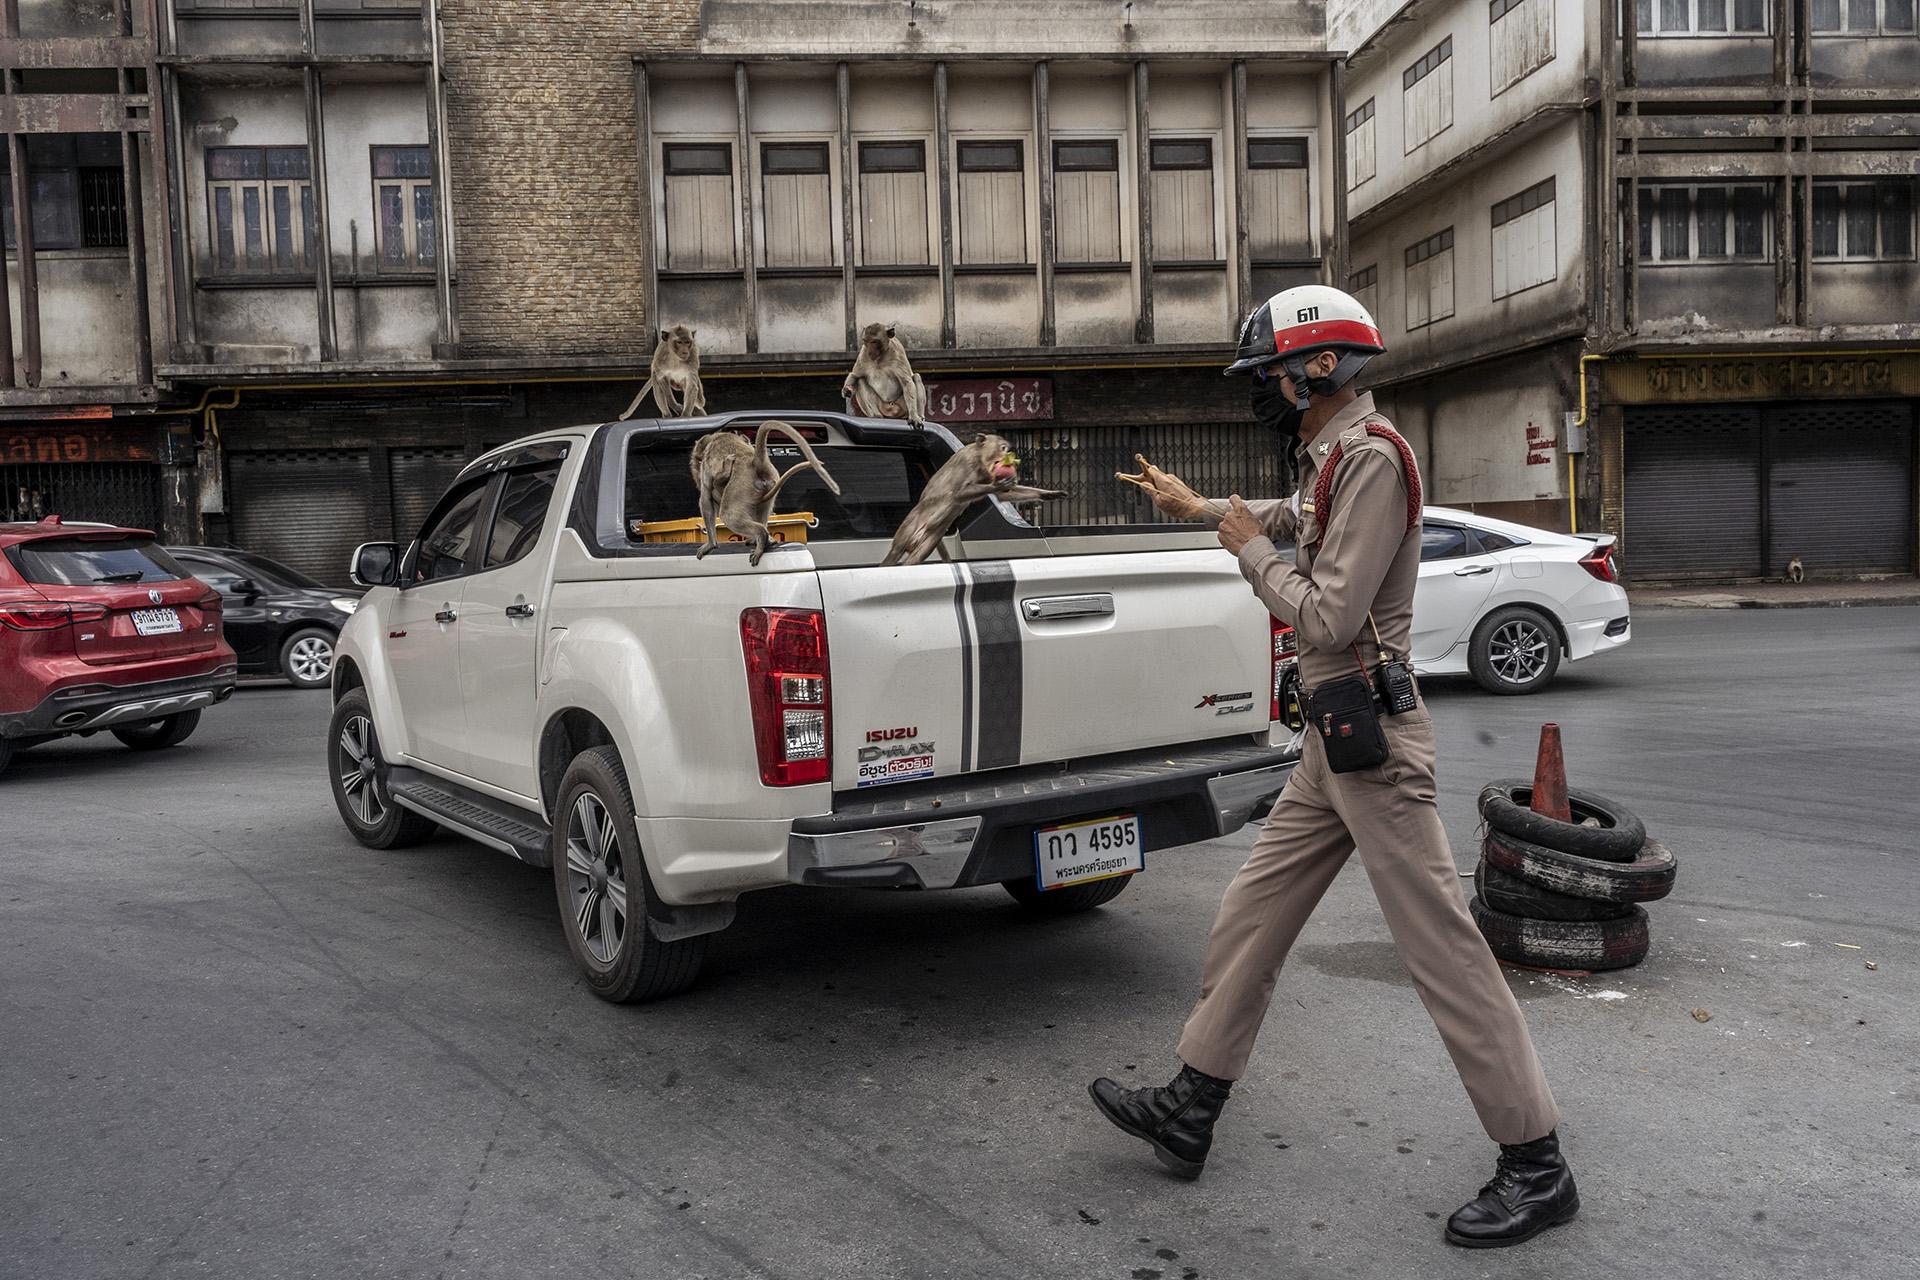 Nirad Pholngeun, un oficial de policia, hace la mímica como si disparara una piedra con su gomera, para intentar asustar a los monos.